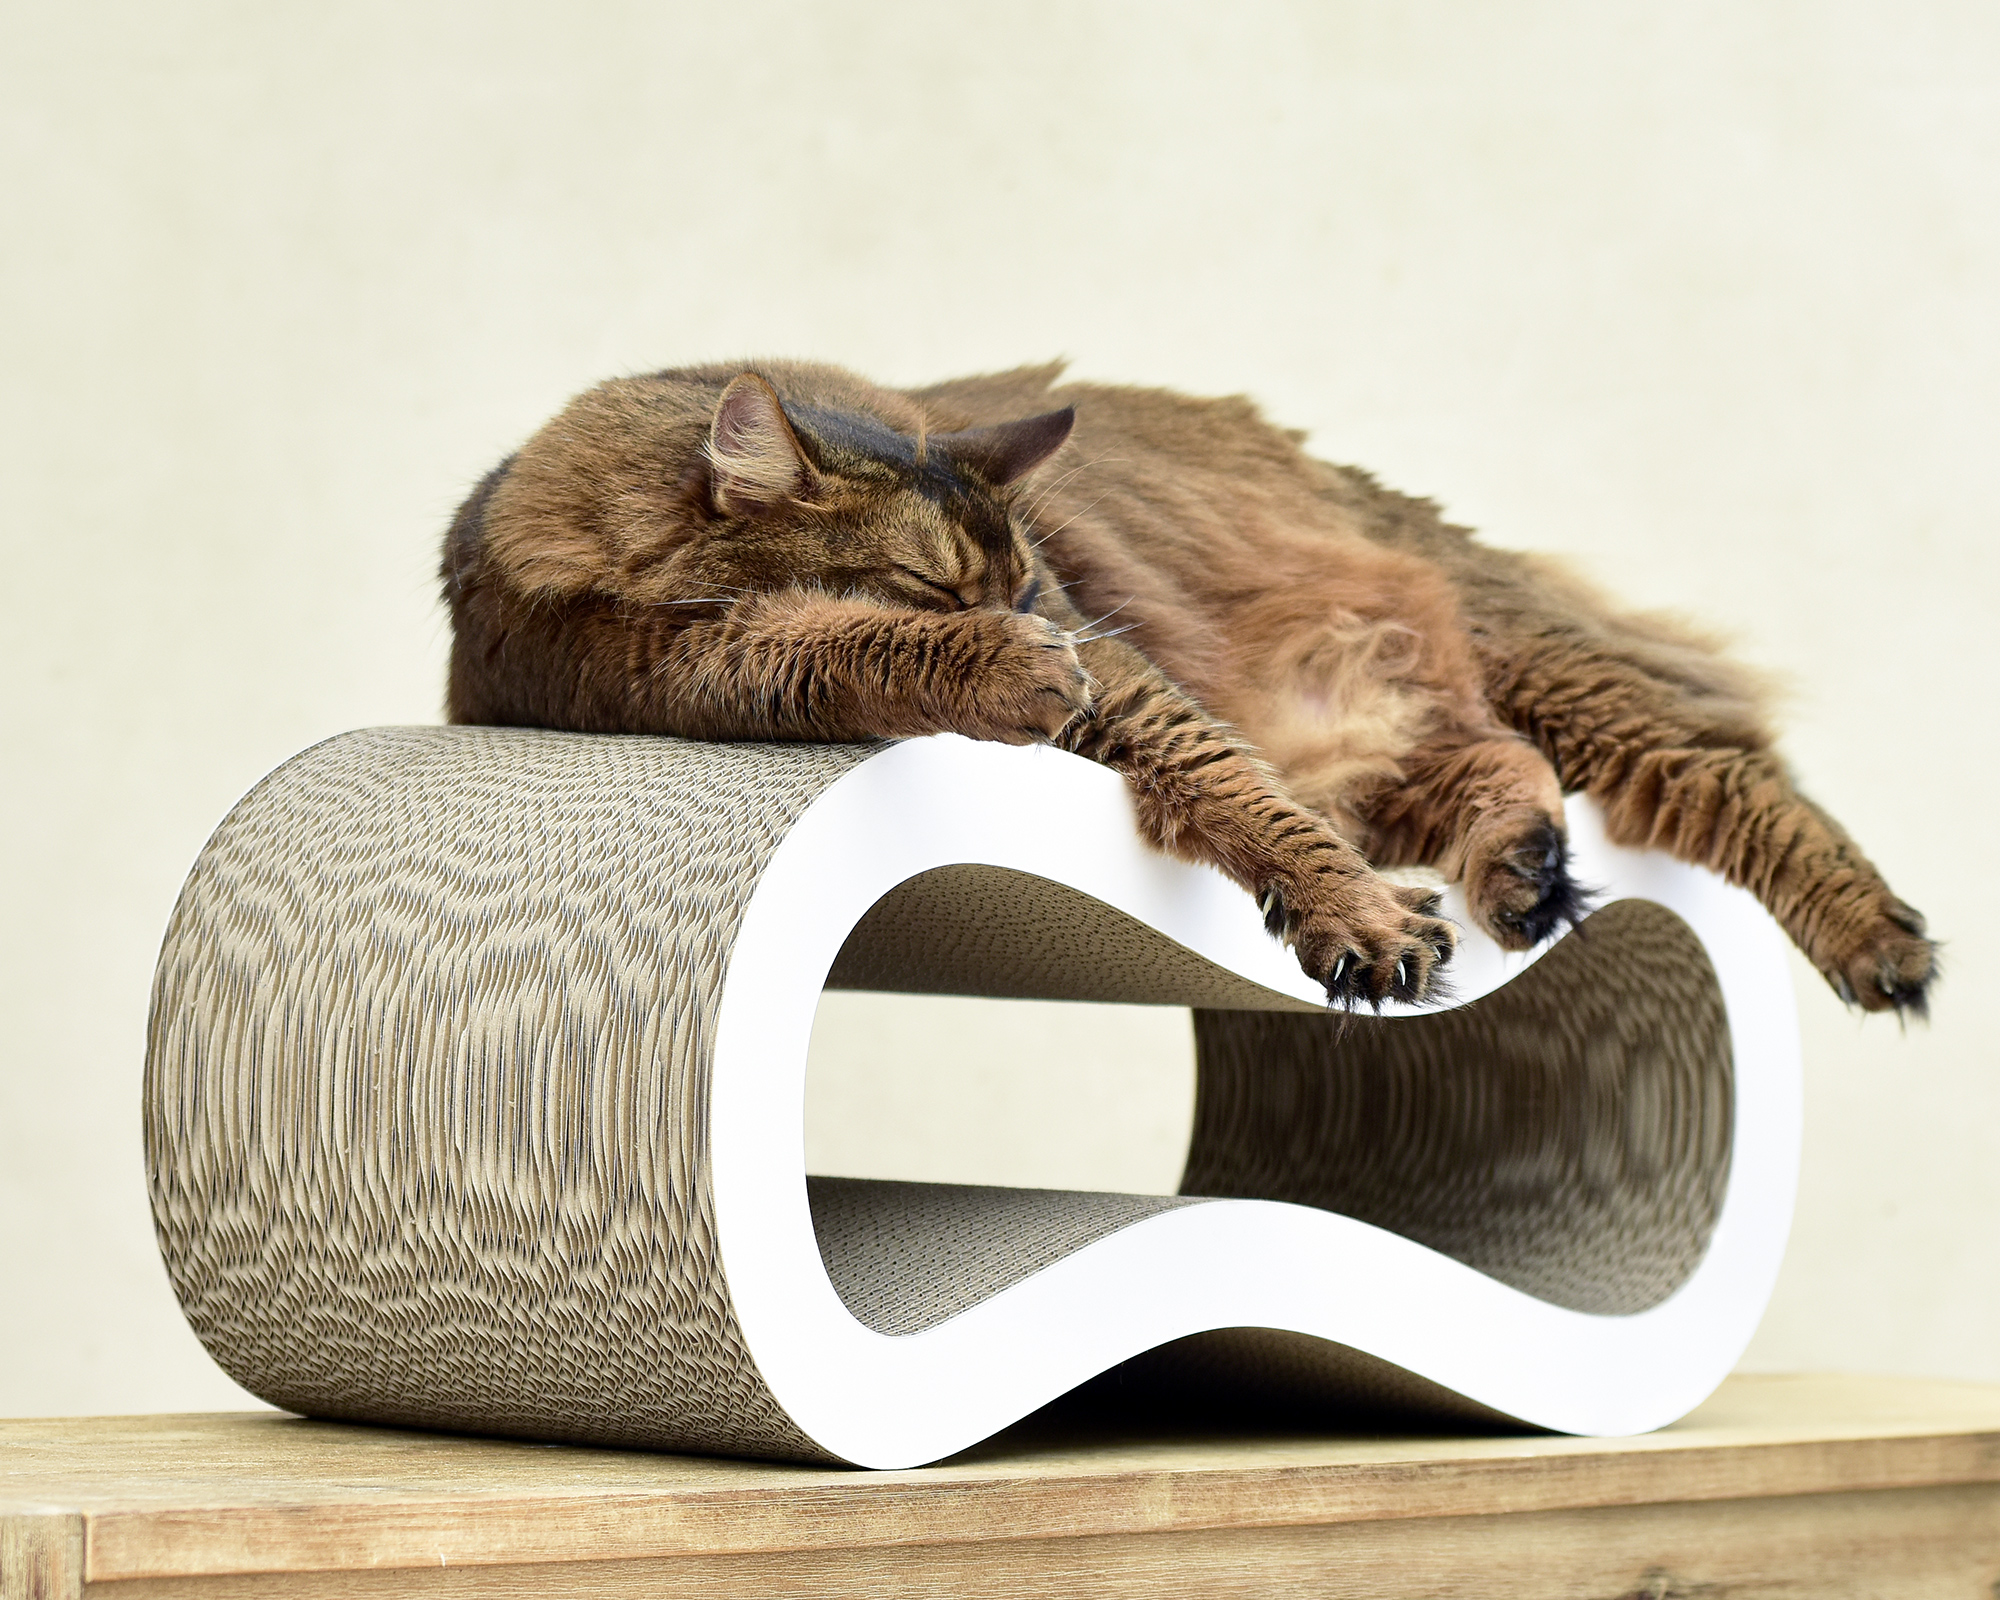 Kratzmöbel Singha Medium - ergonomisches Kratzmöbel für Katzen aus Well- und Kratzpappe